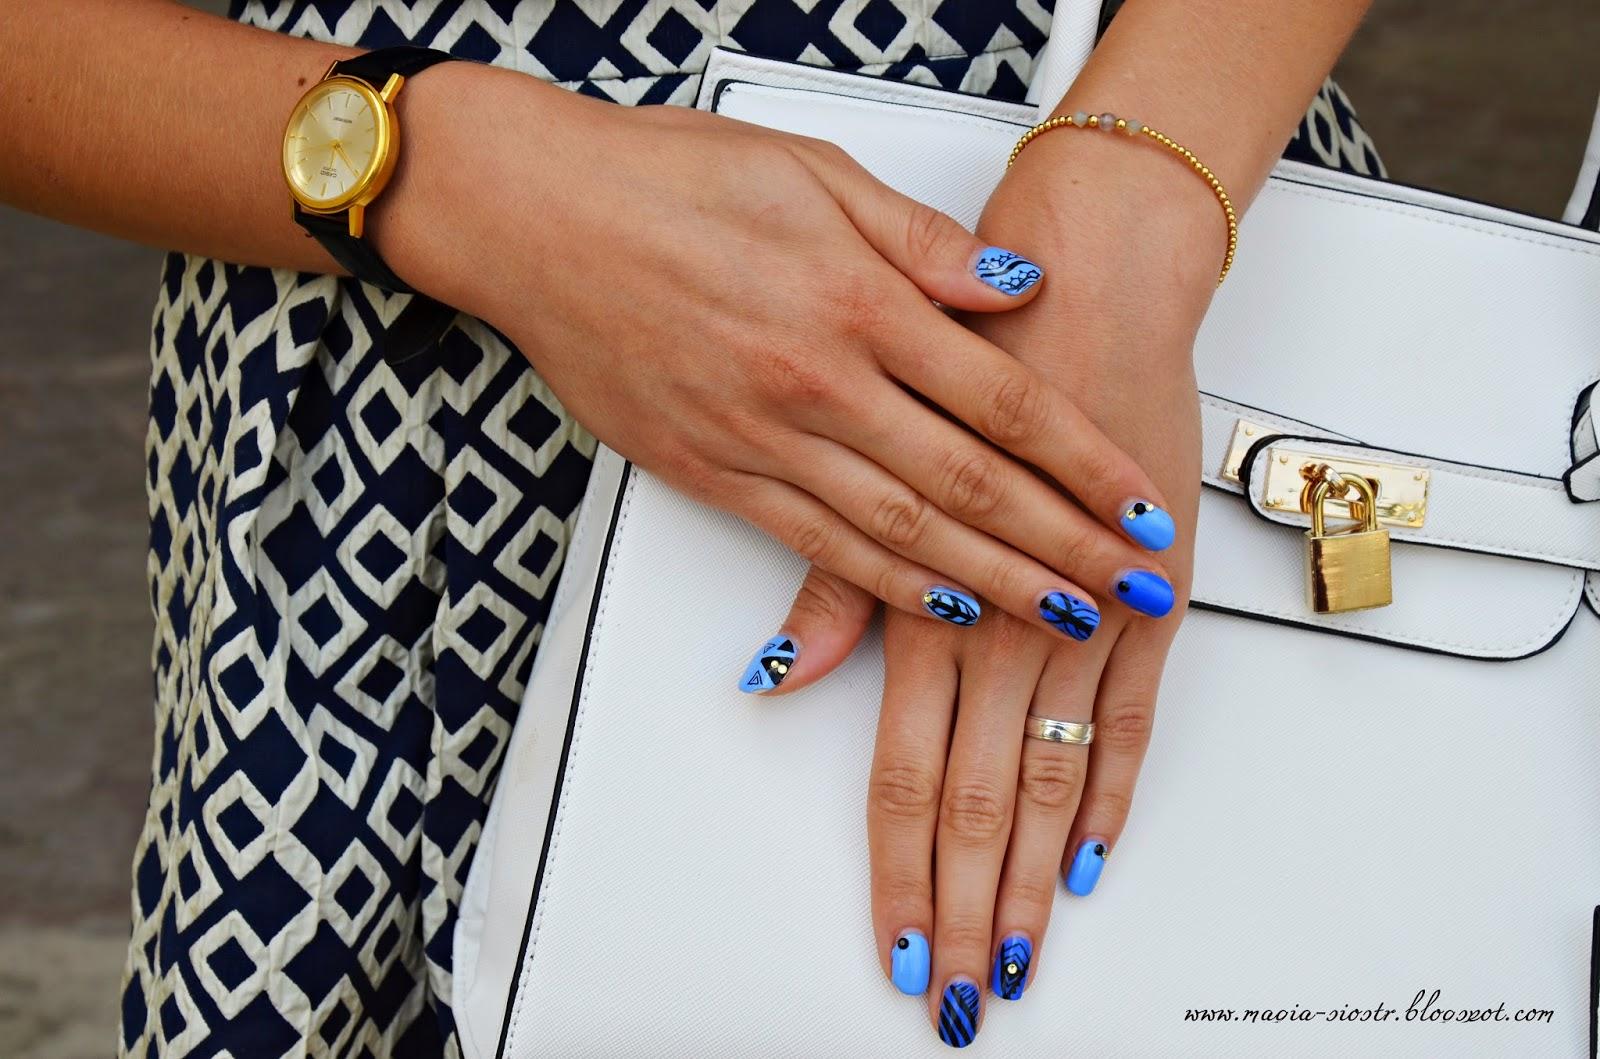 Elegancki zegarek CASIO, delikatna bransoletka, nails art, stylizacja paznokci akademia pięknych włosów